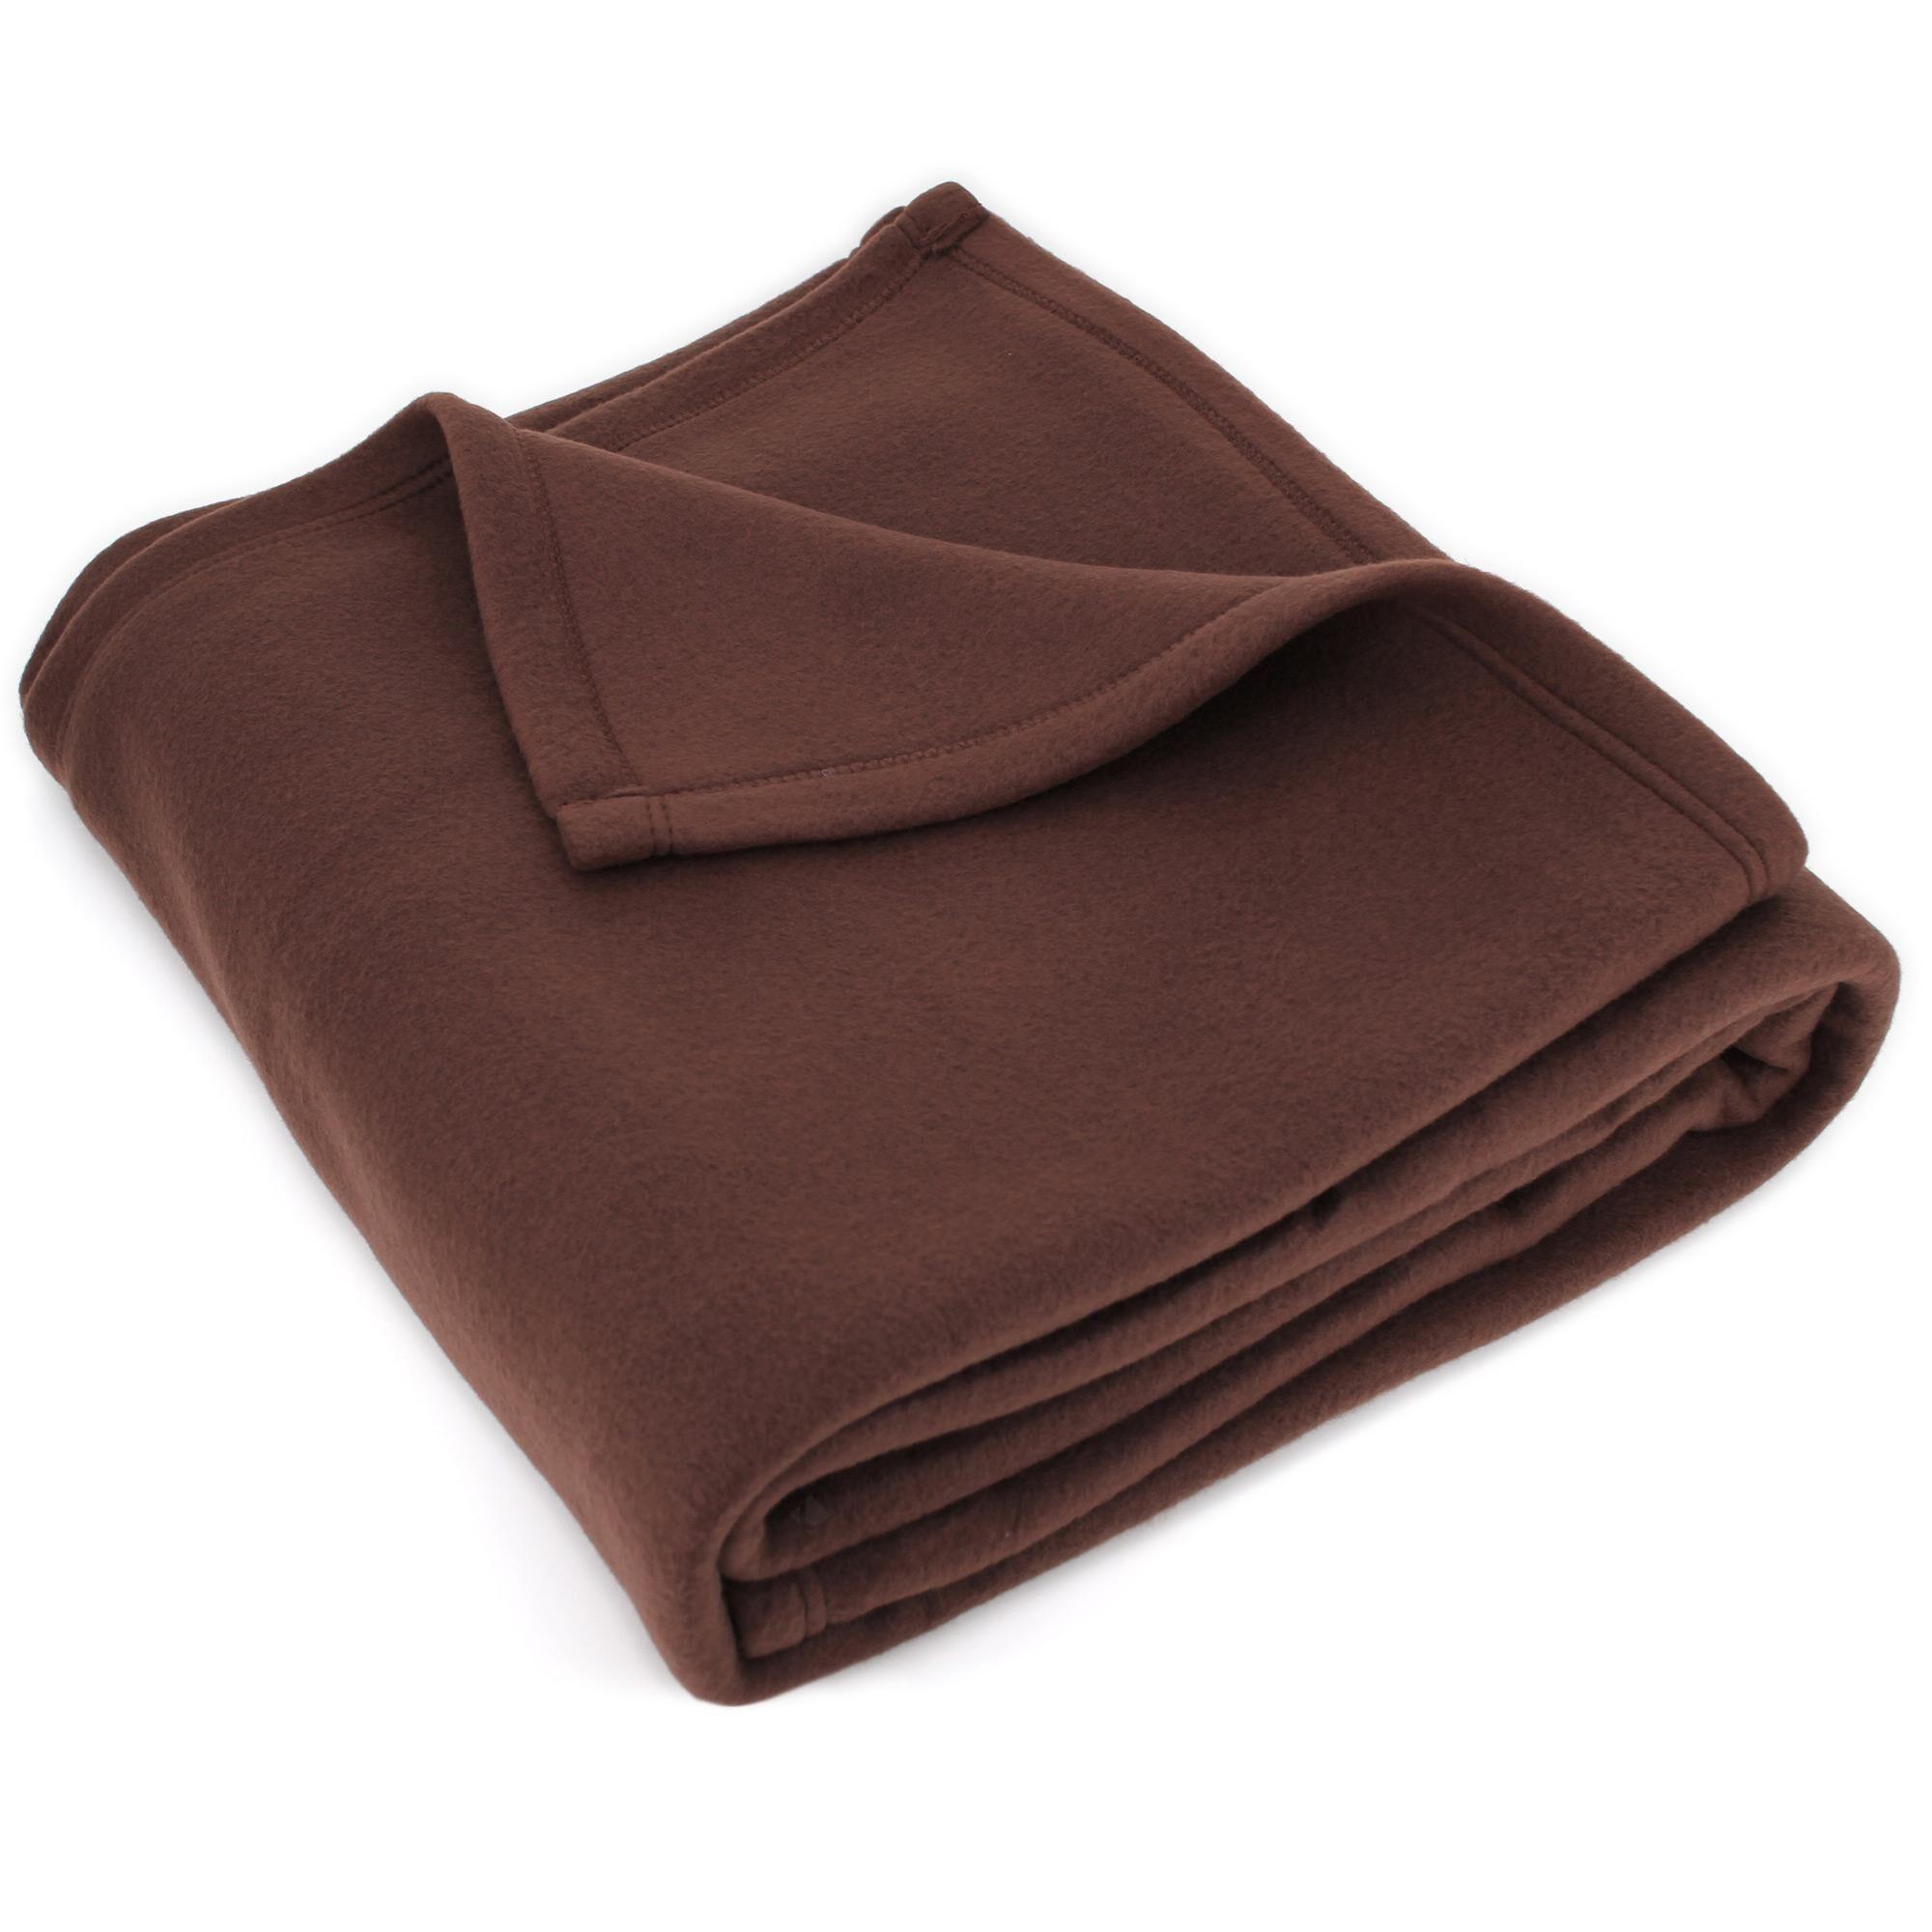 Linnea Couverture polaire 180x220 cm Isba marron Chocolat 100% Polyester 320 g/m2 traité non-feu